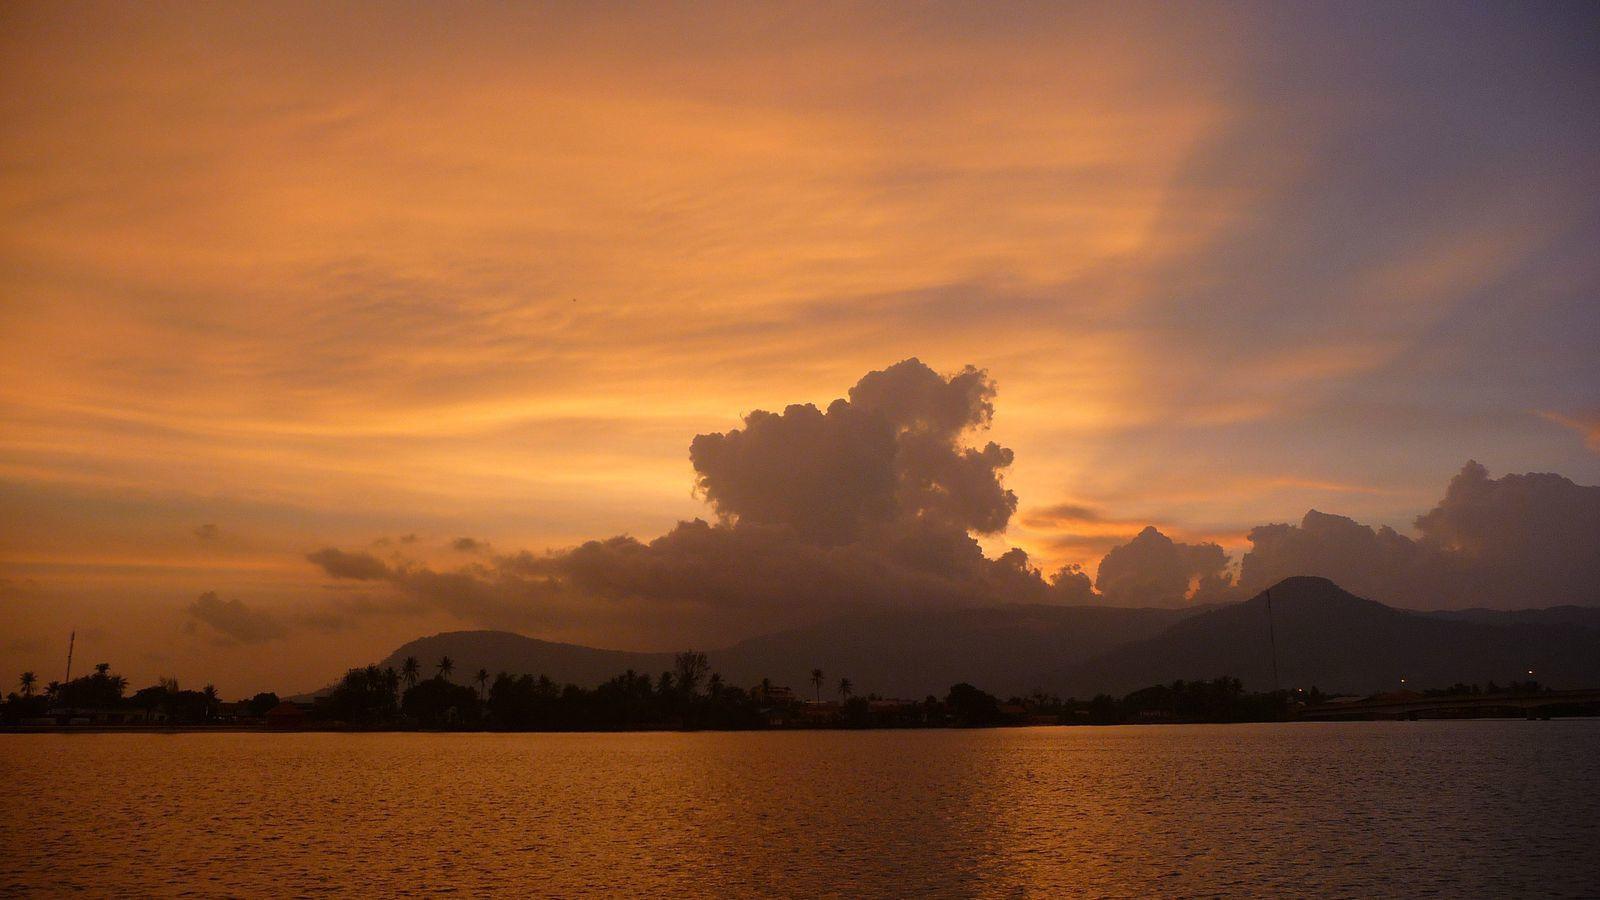 Accueillis par un coucher de soleil sublime.